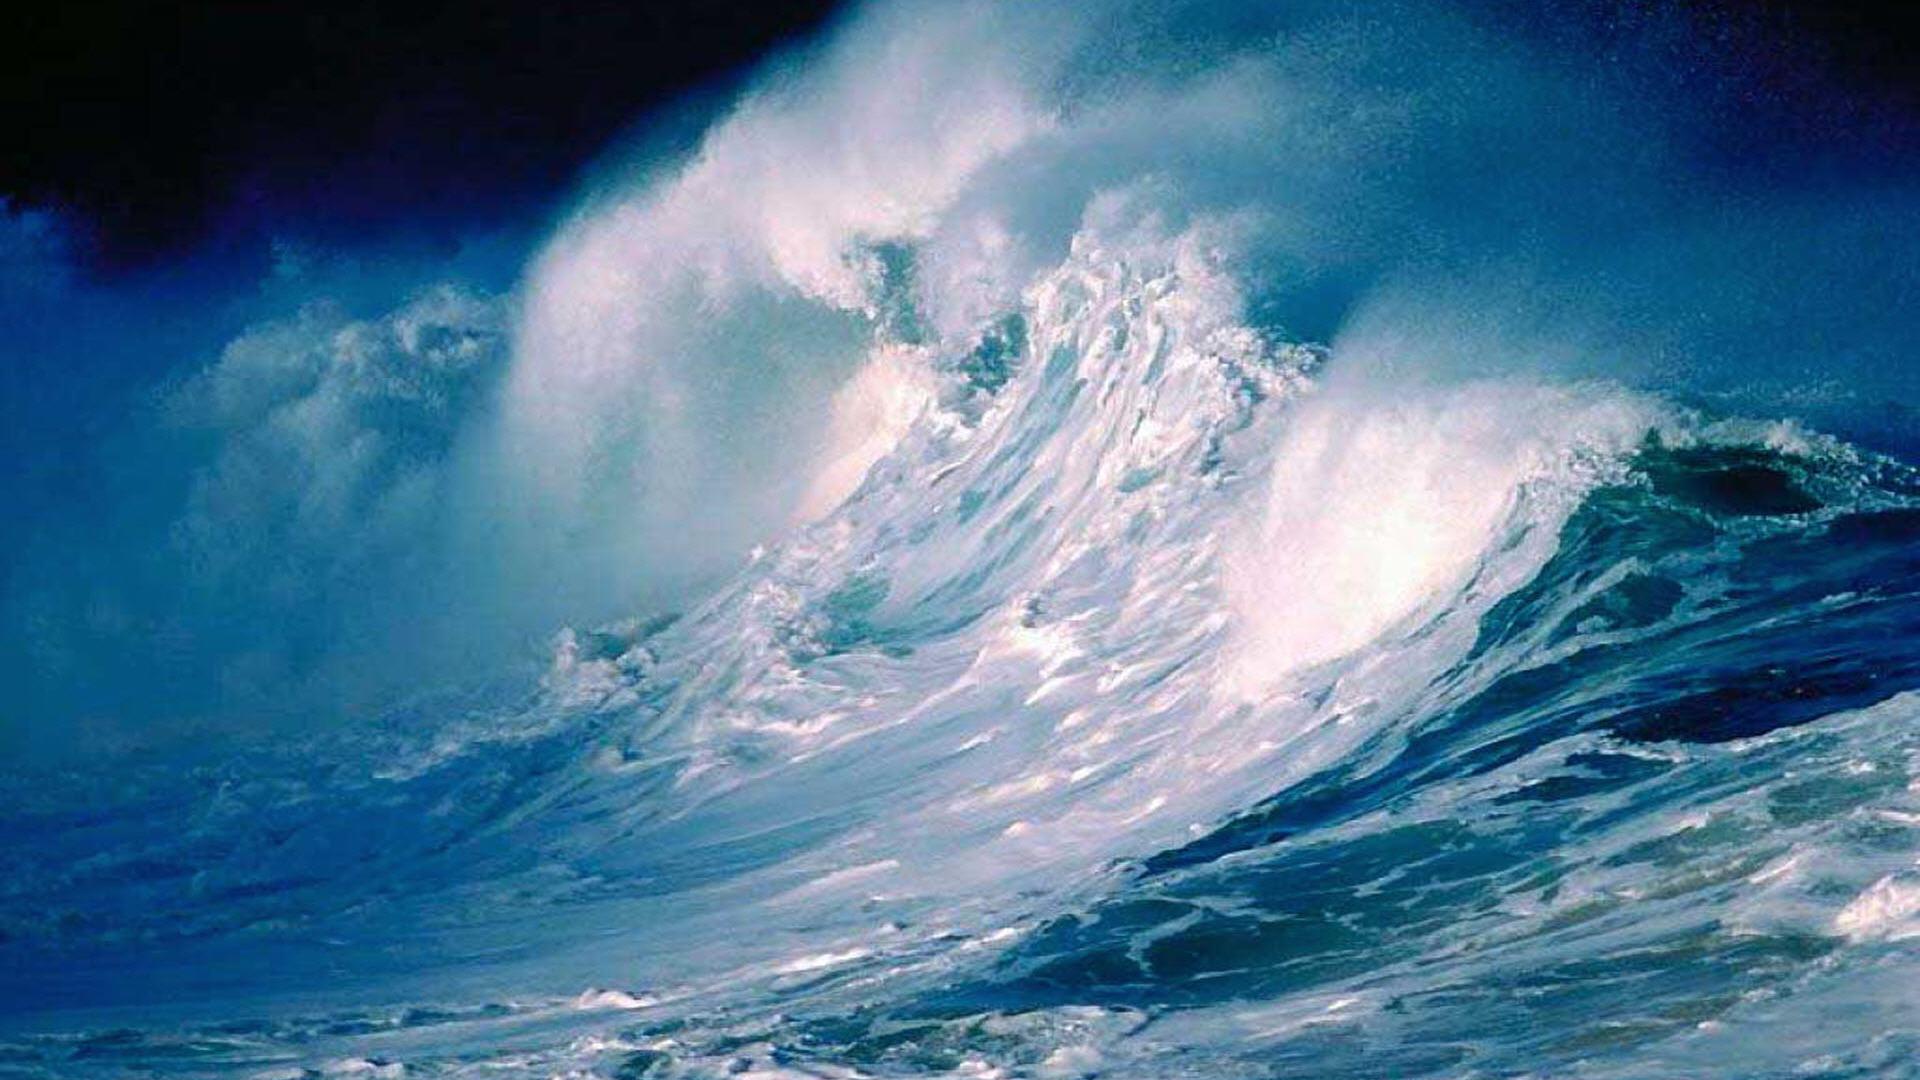 1920x1080px ocean scenes wallpaper wallpapersafari